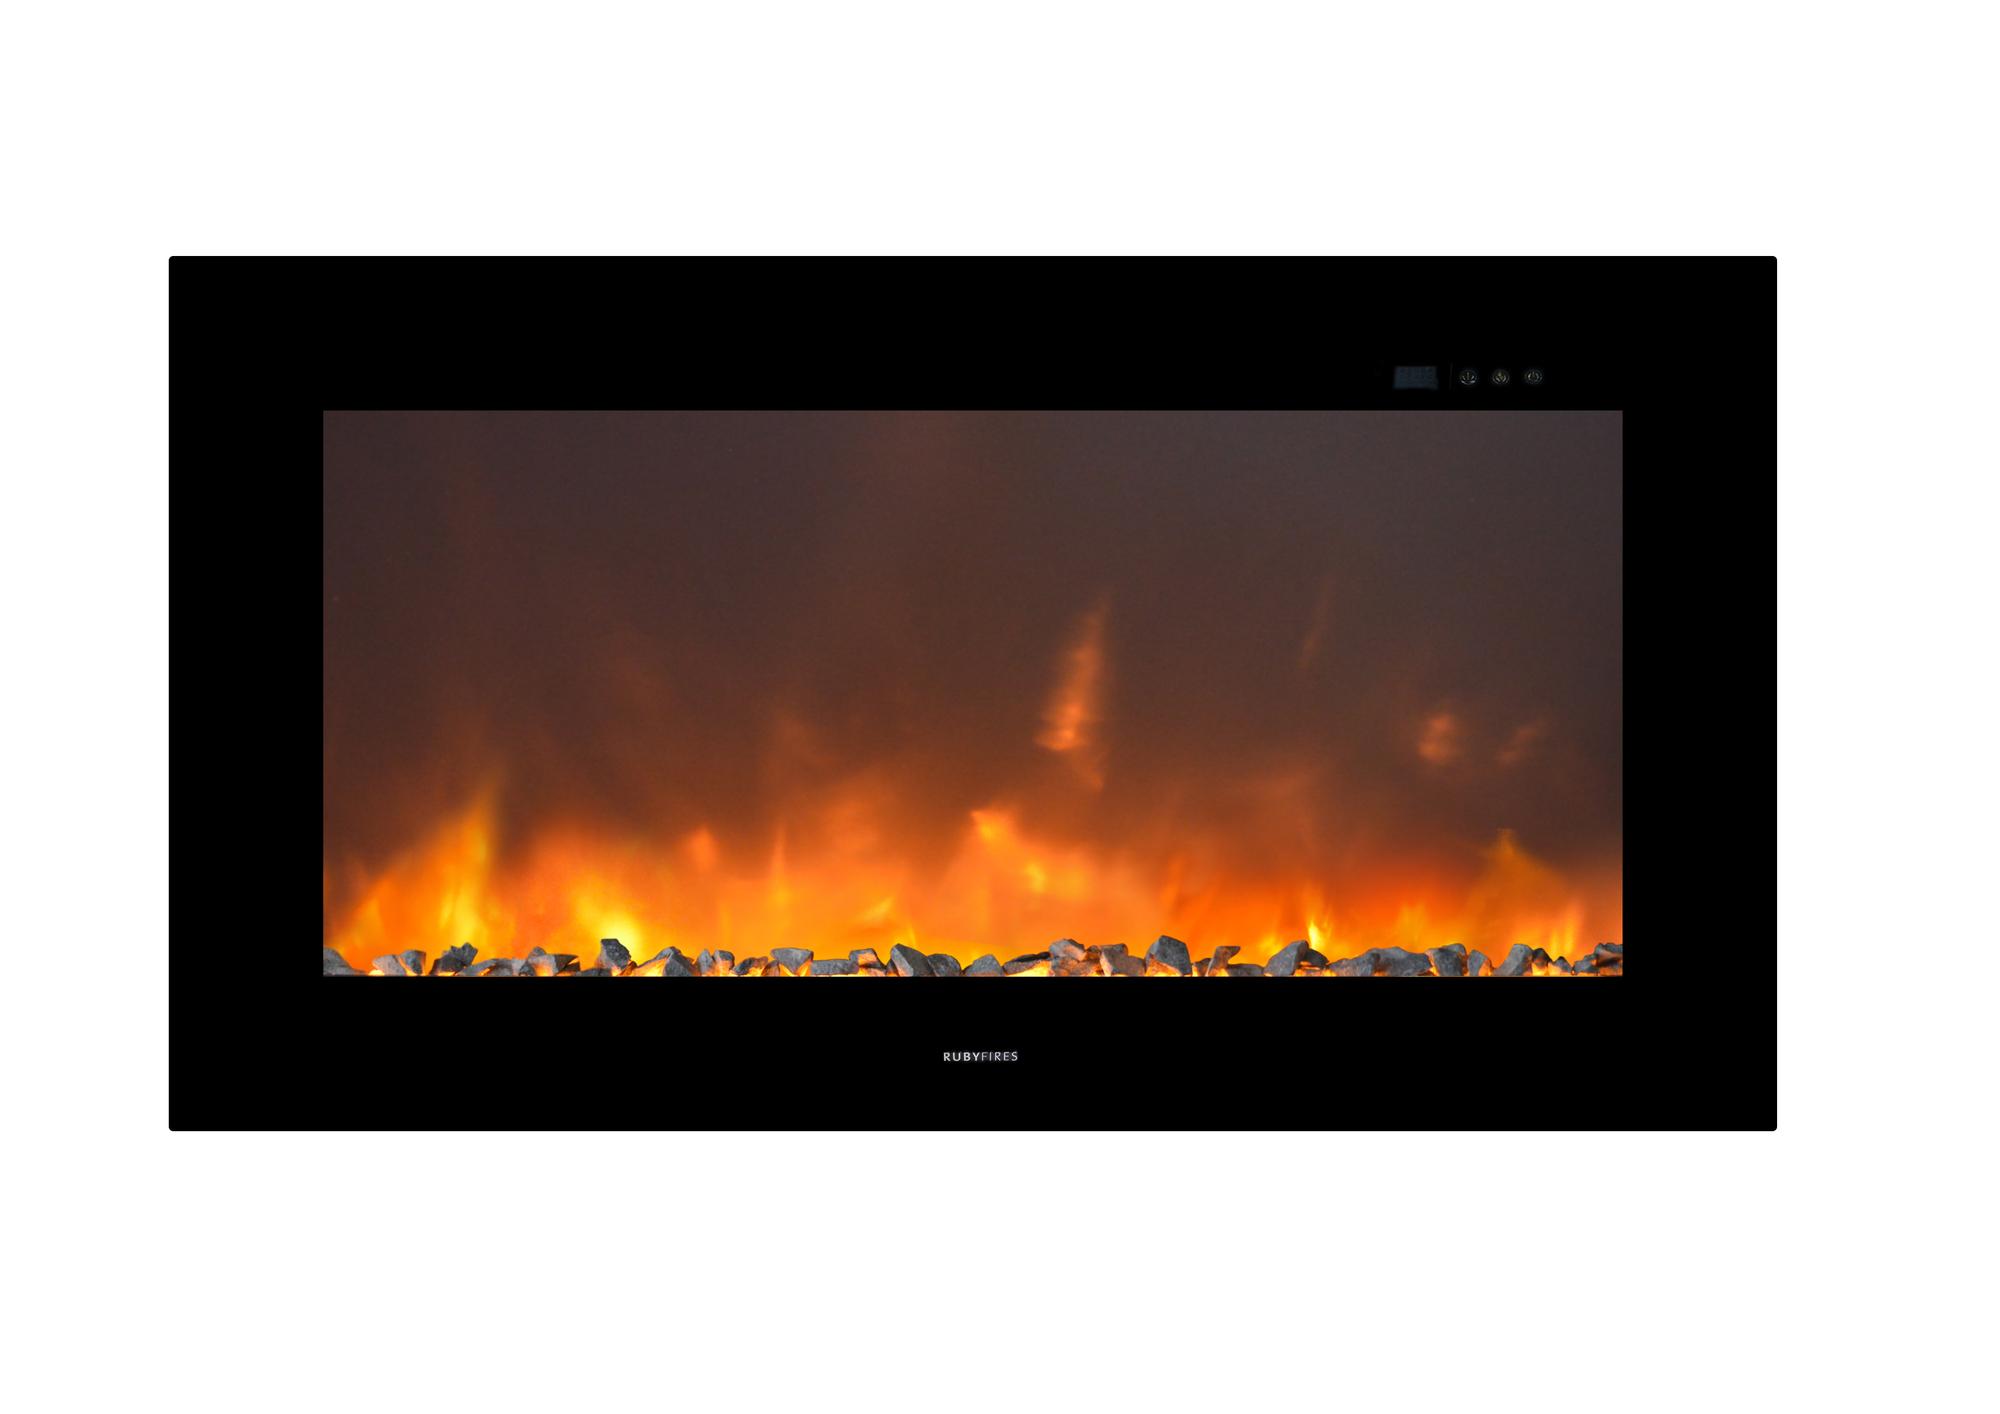 Resultado de imagen de RUBY FIRE TRIVERO